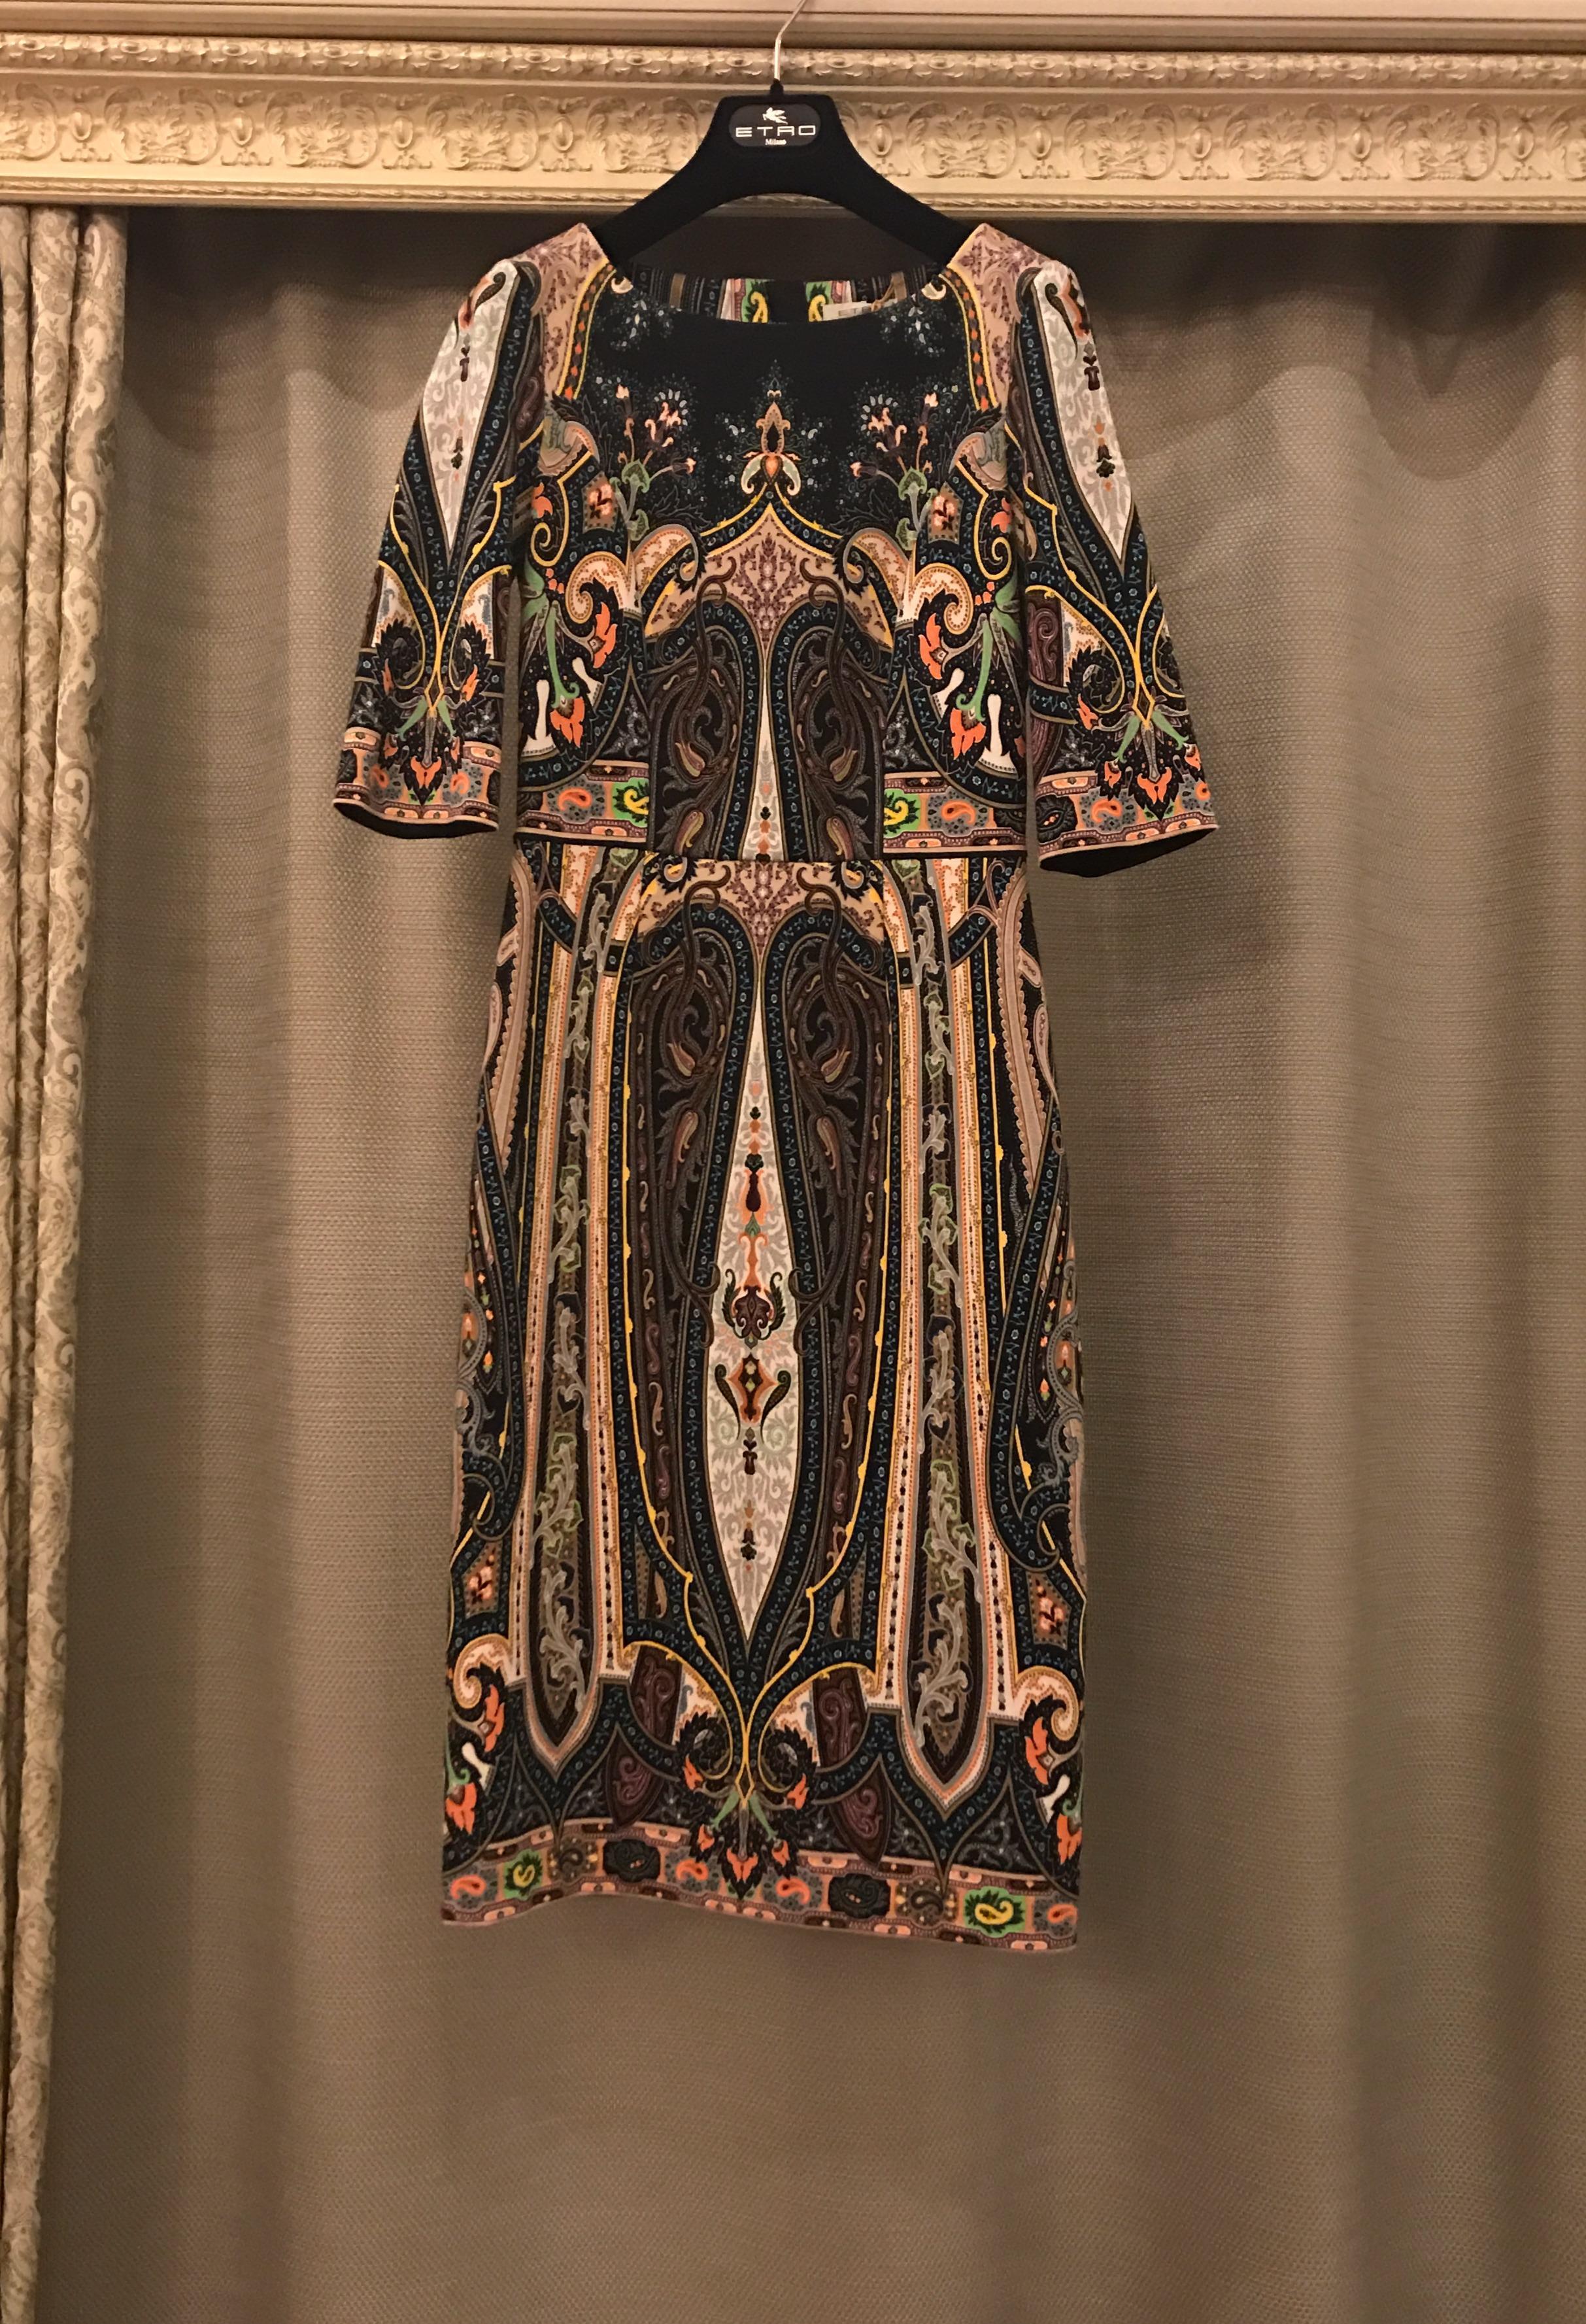 b6eb1a30090 Купить платье Etro за 30760 руб. в интернет магазине - бутике с ...